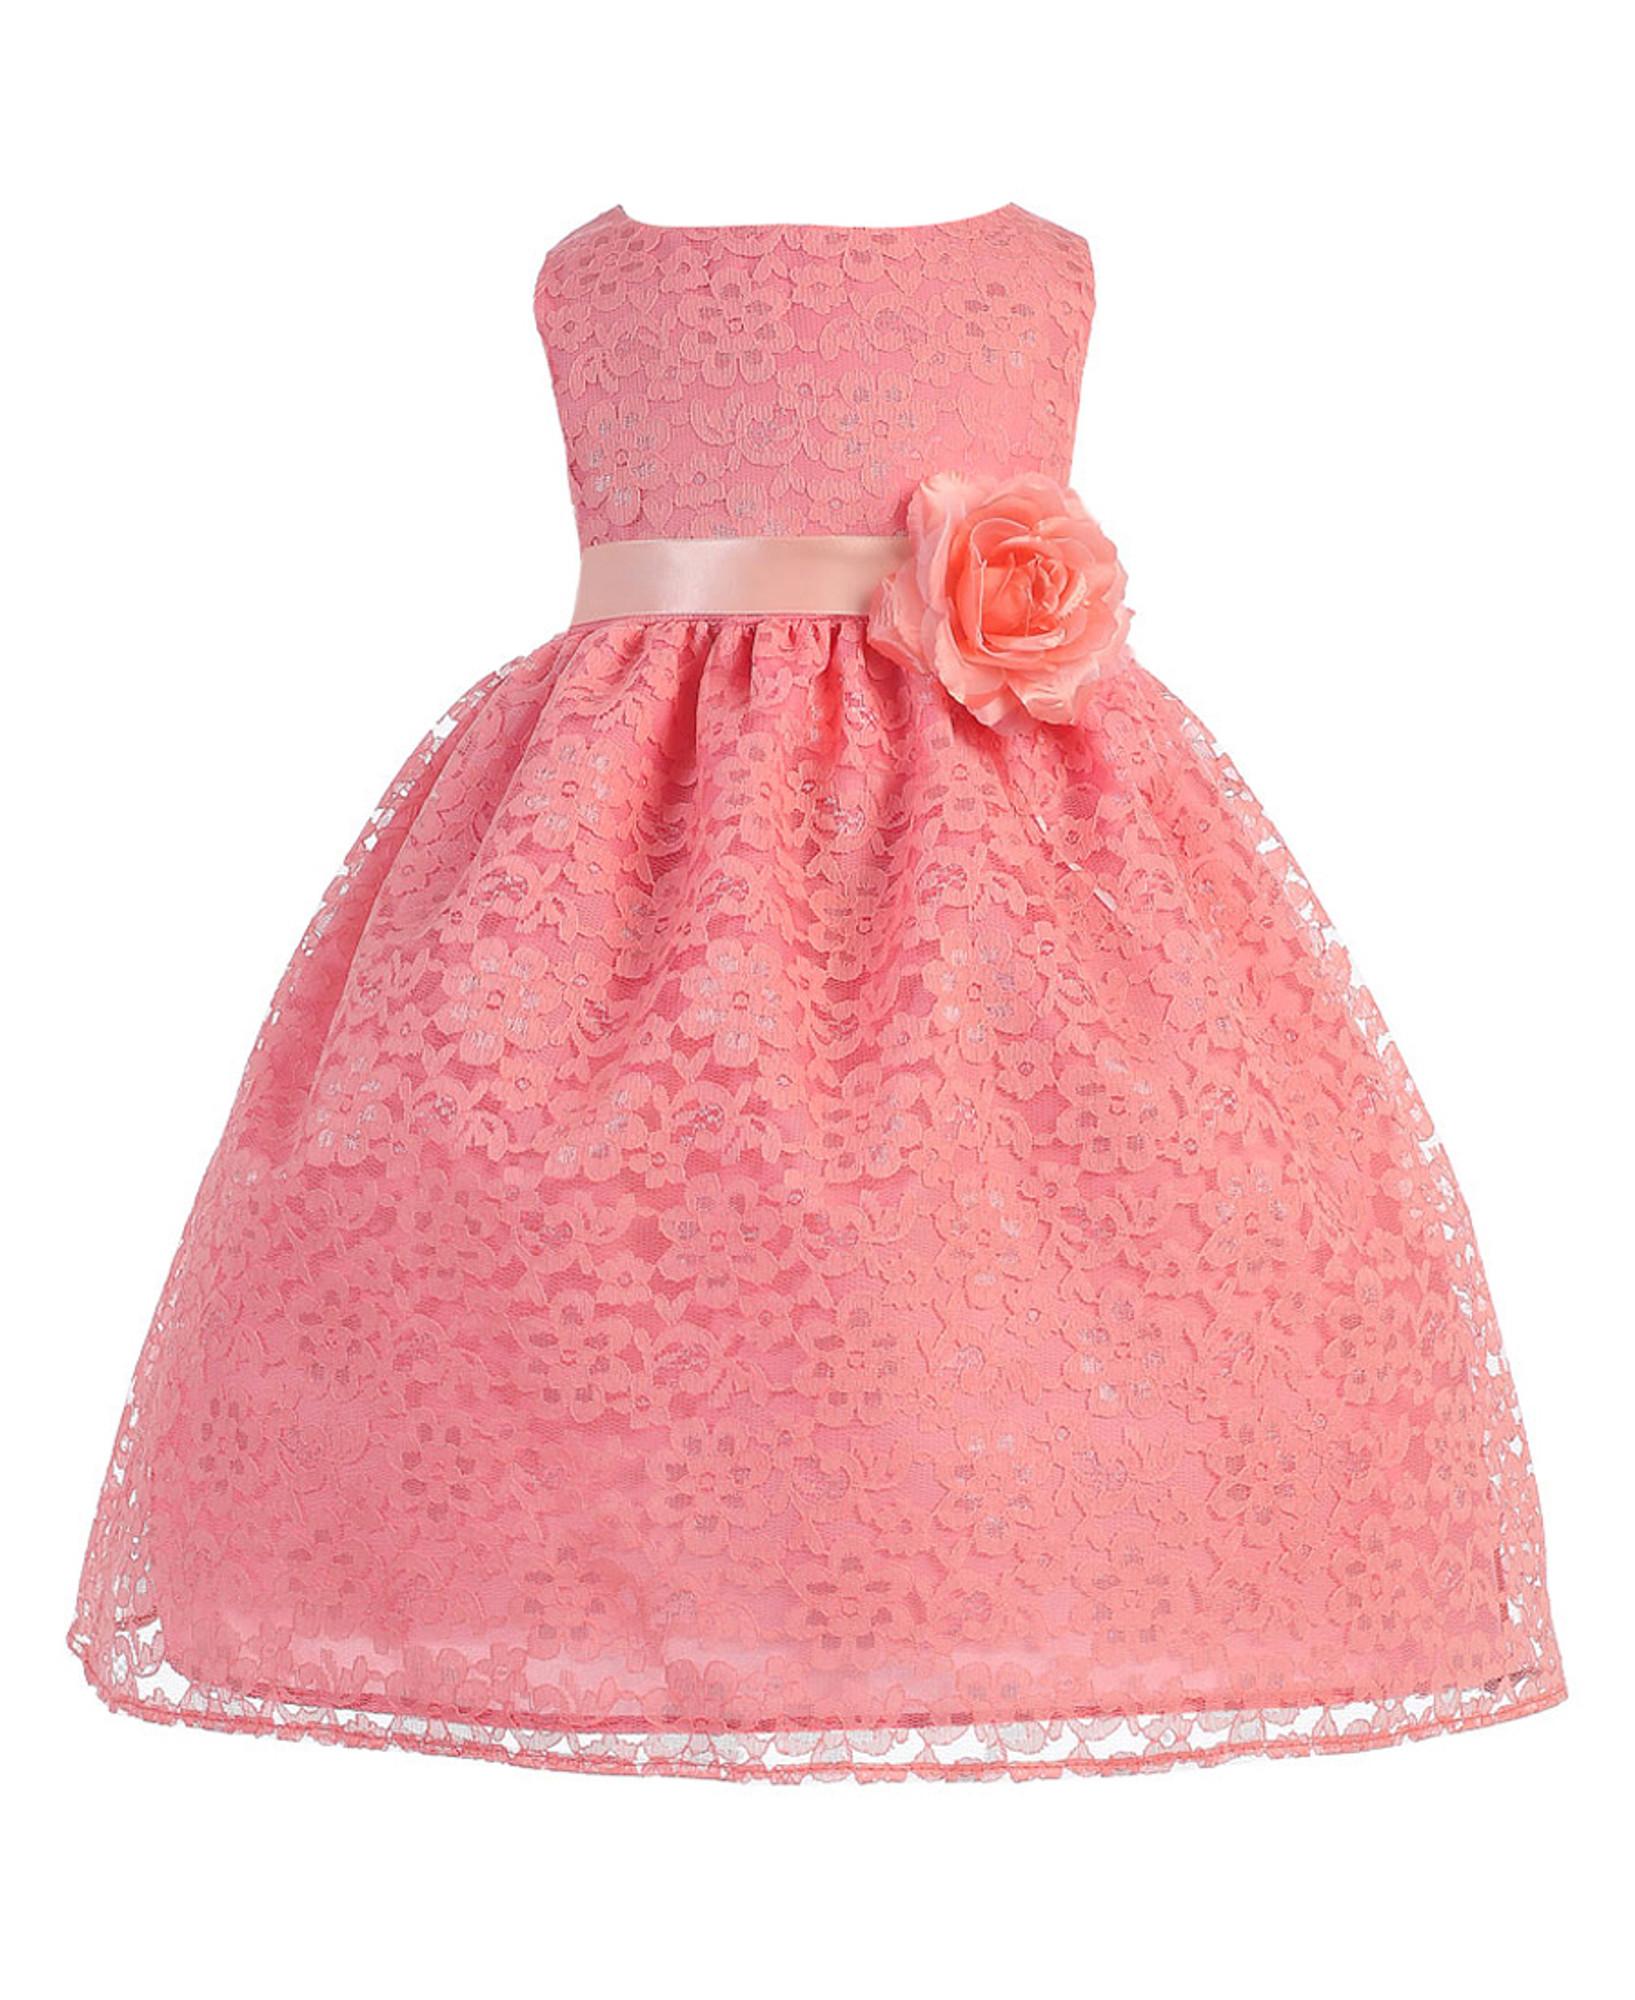 BIMARO Baby Mädchen Babykleid Nelly koralle Kleid Taufkleid ...